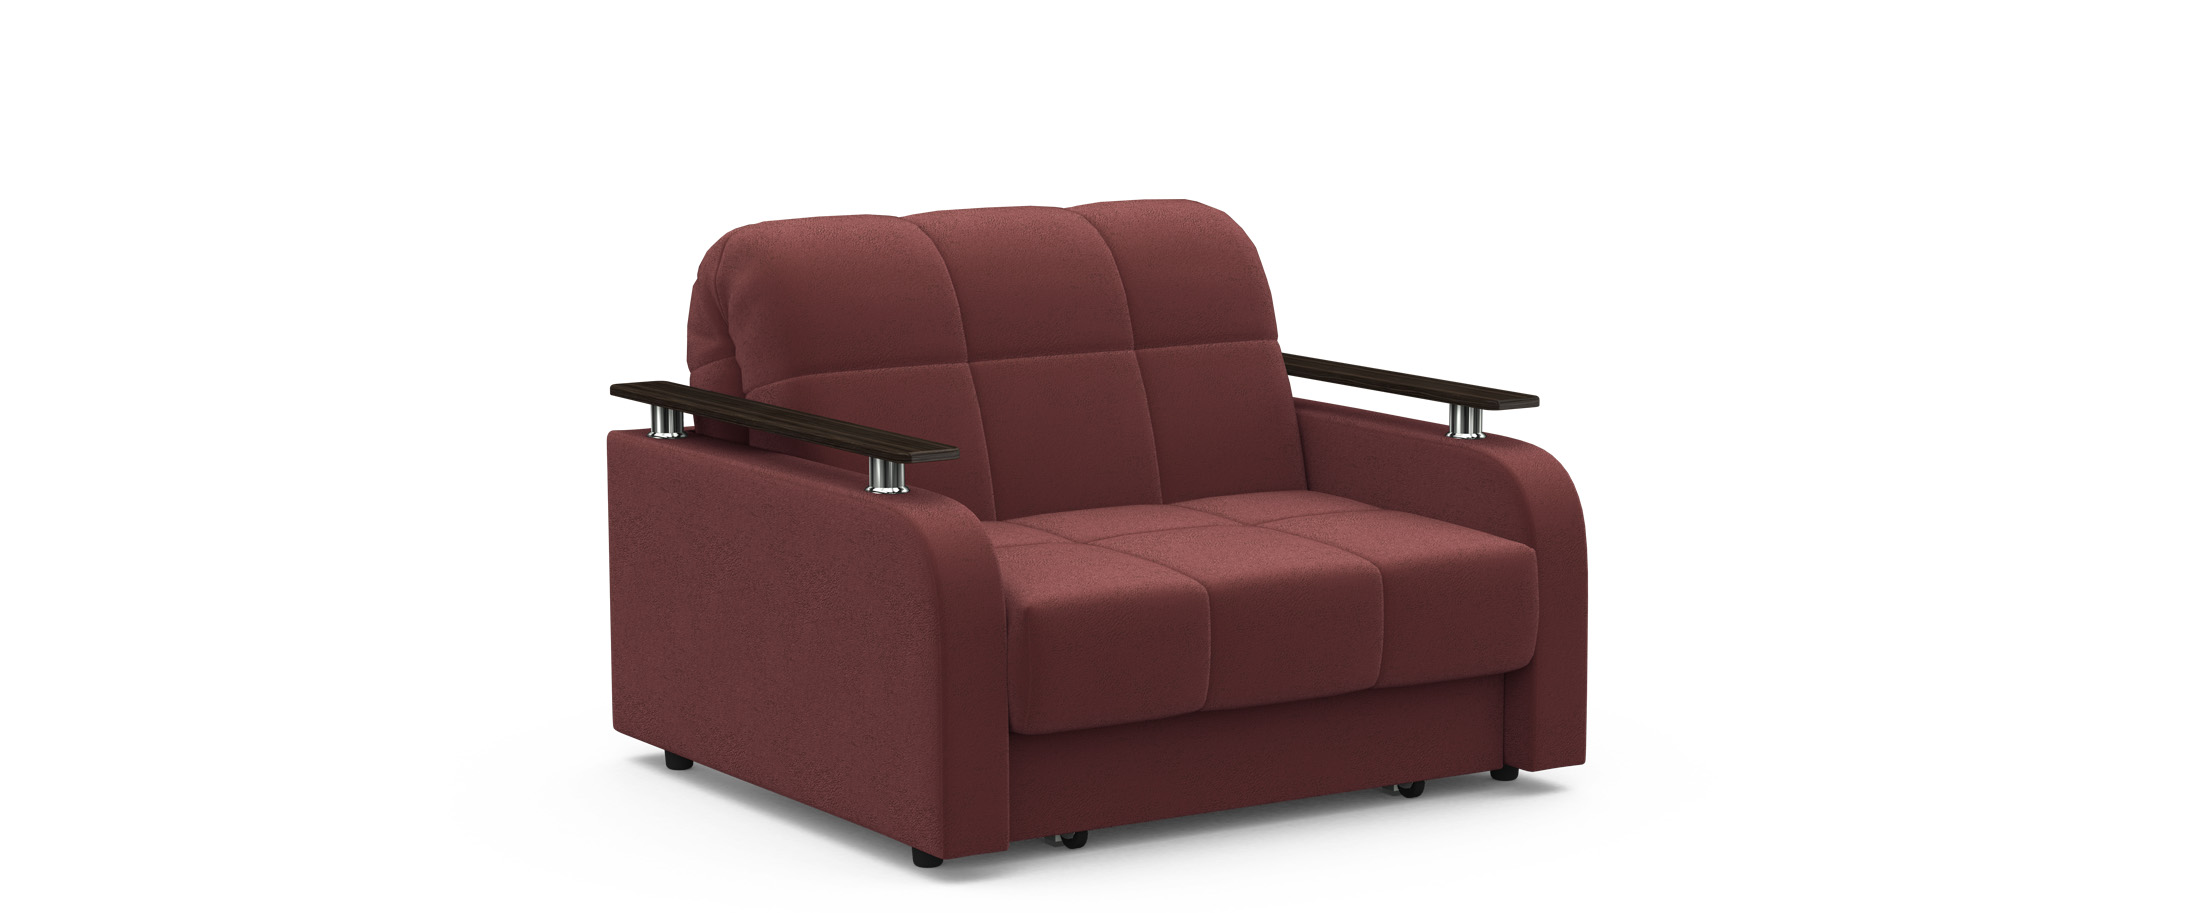 Кресло раскладное Карина 044Купить бордовое кресло-кровать Карина 044. Доставка от 1 дня. Подъём, сборка, вынос упаковки. Гарантия 18 месяцев. Интернет-магазин мебели MOON TRADE.<br><br>Ширина см: 110<br>Глубина см: 104<br>Высота см: 88<br>Ширина спального места см: 88<br>Длина спального места см: 204<br>Глубина посадочного места см: 58<br>Высота спального места см: 44<br>Основание: Берёзовые латы<br>Механизм: Аккордеон<br>Цвет декора: Венге<br>Жёсткость: Жёсткий<br>Чехол: Съёмный<br>Код ткани: 74-6<br>Цвет: Бордовый<br>Материал: Велюр<br>Мягкий настил: ППУ<br>Каркас: Металлокаркас<br>Модель: Карина